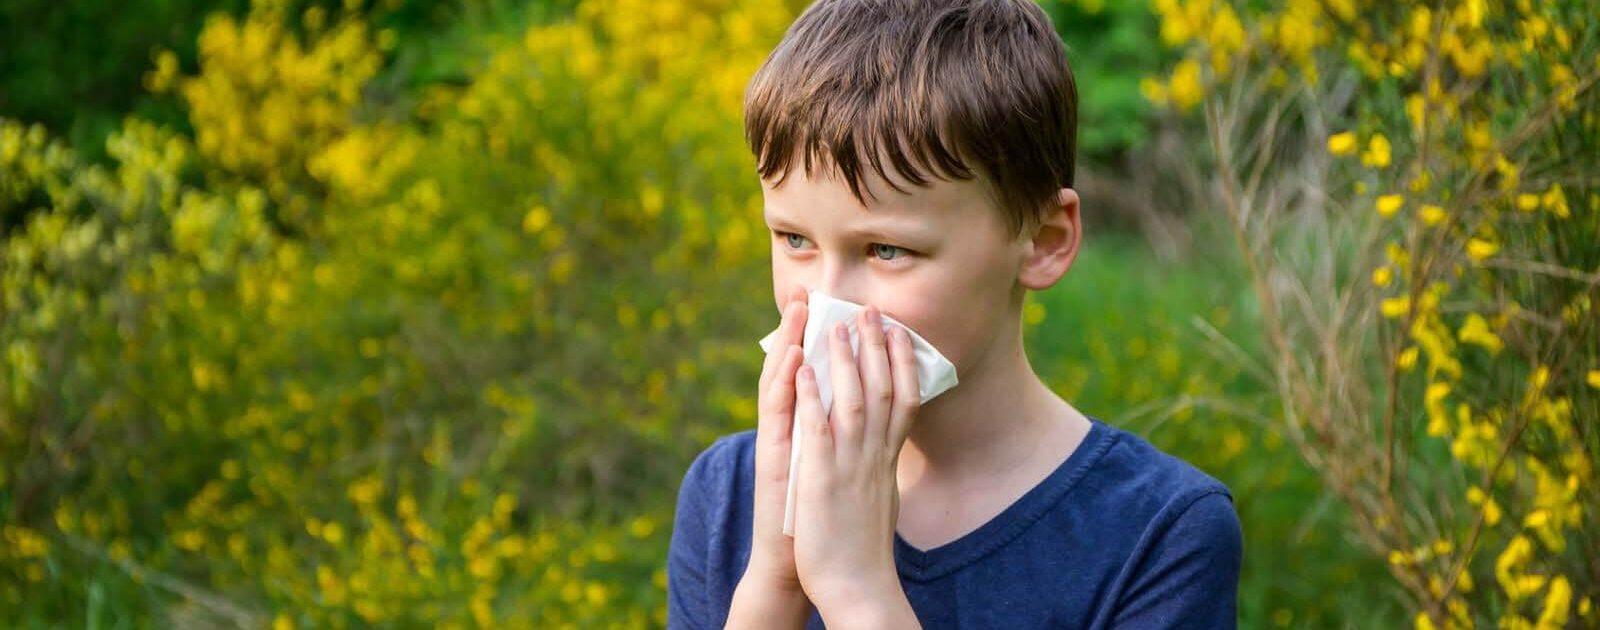 Junge putzt sich die Nase wegen Fließschnupfen, entstanden durch Heuschnupfen.